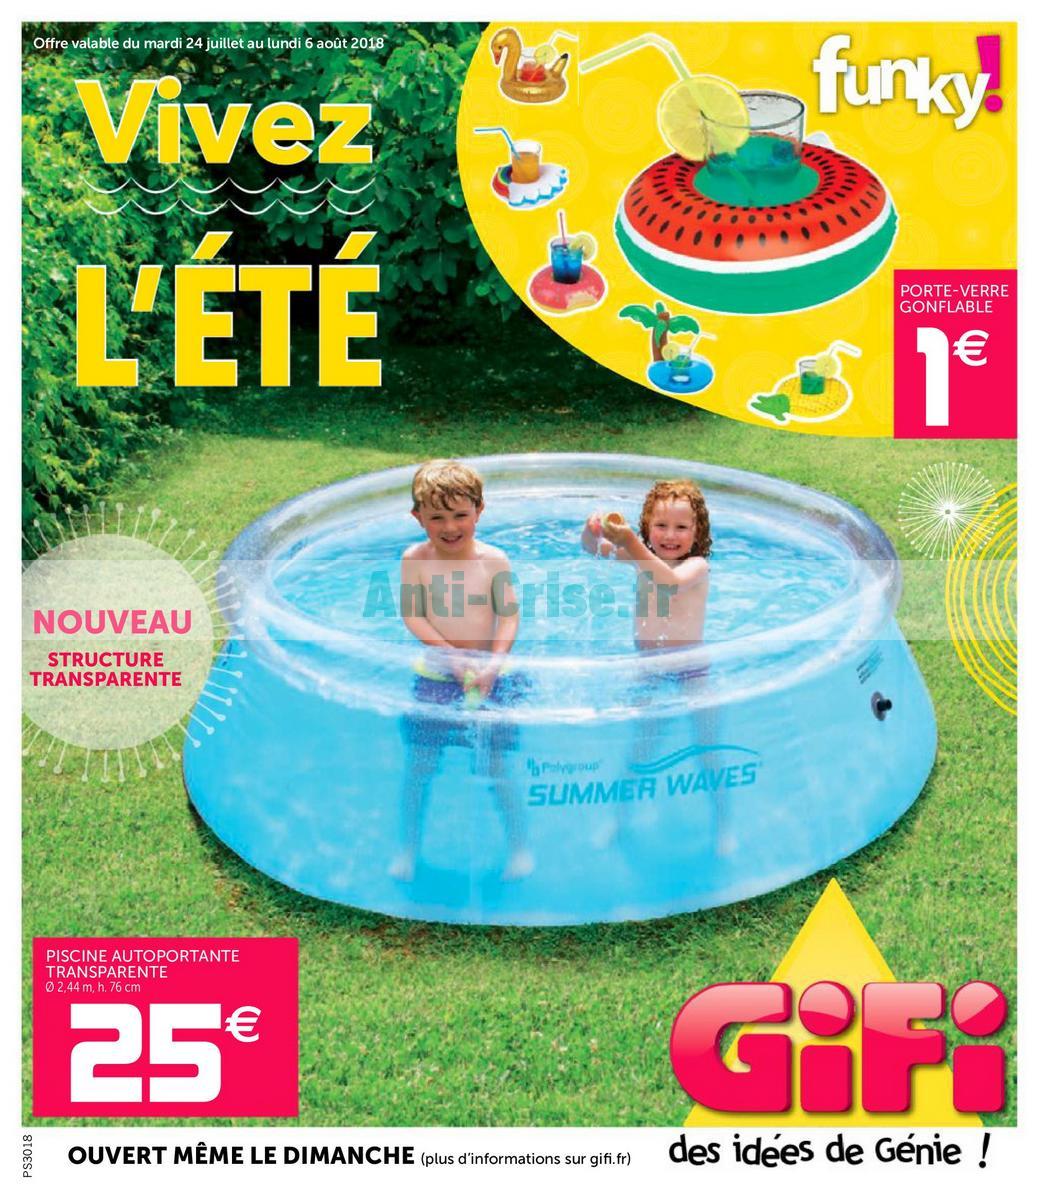 Catalogue Gifi Du 24 Juillet Au 6 Août 2018 - Catalogues ... tout Gifi Piscine Gonflable